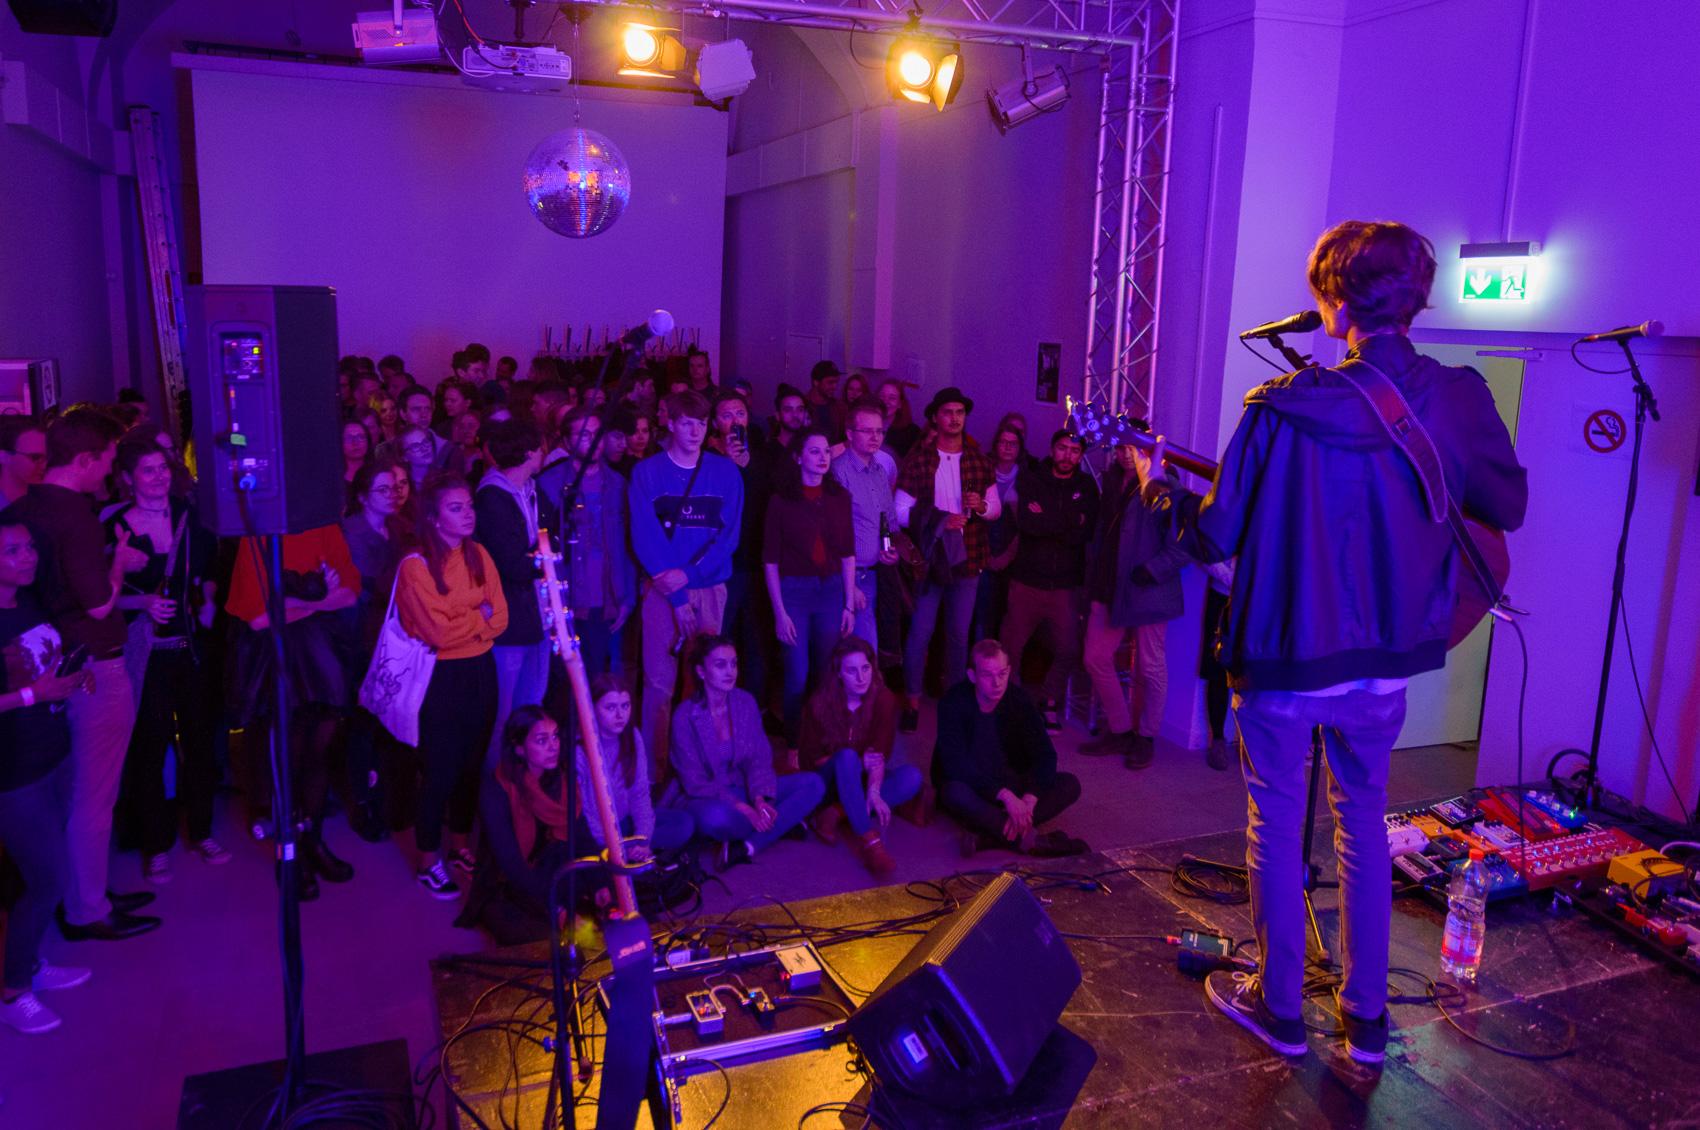 Geile Party im Arkadentheater – Newcomer treffen den Nerv des Publikums